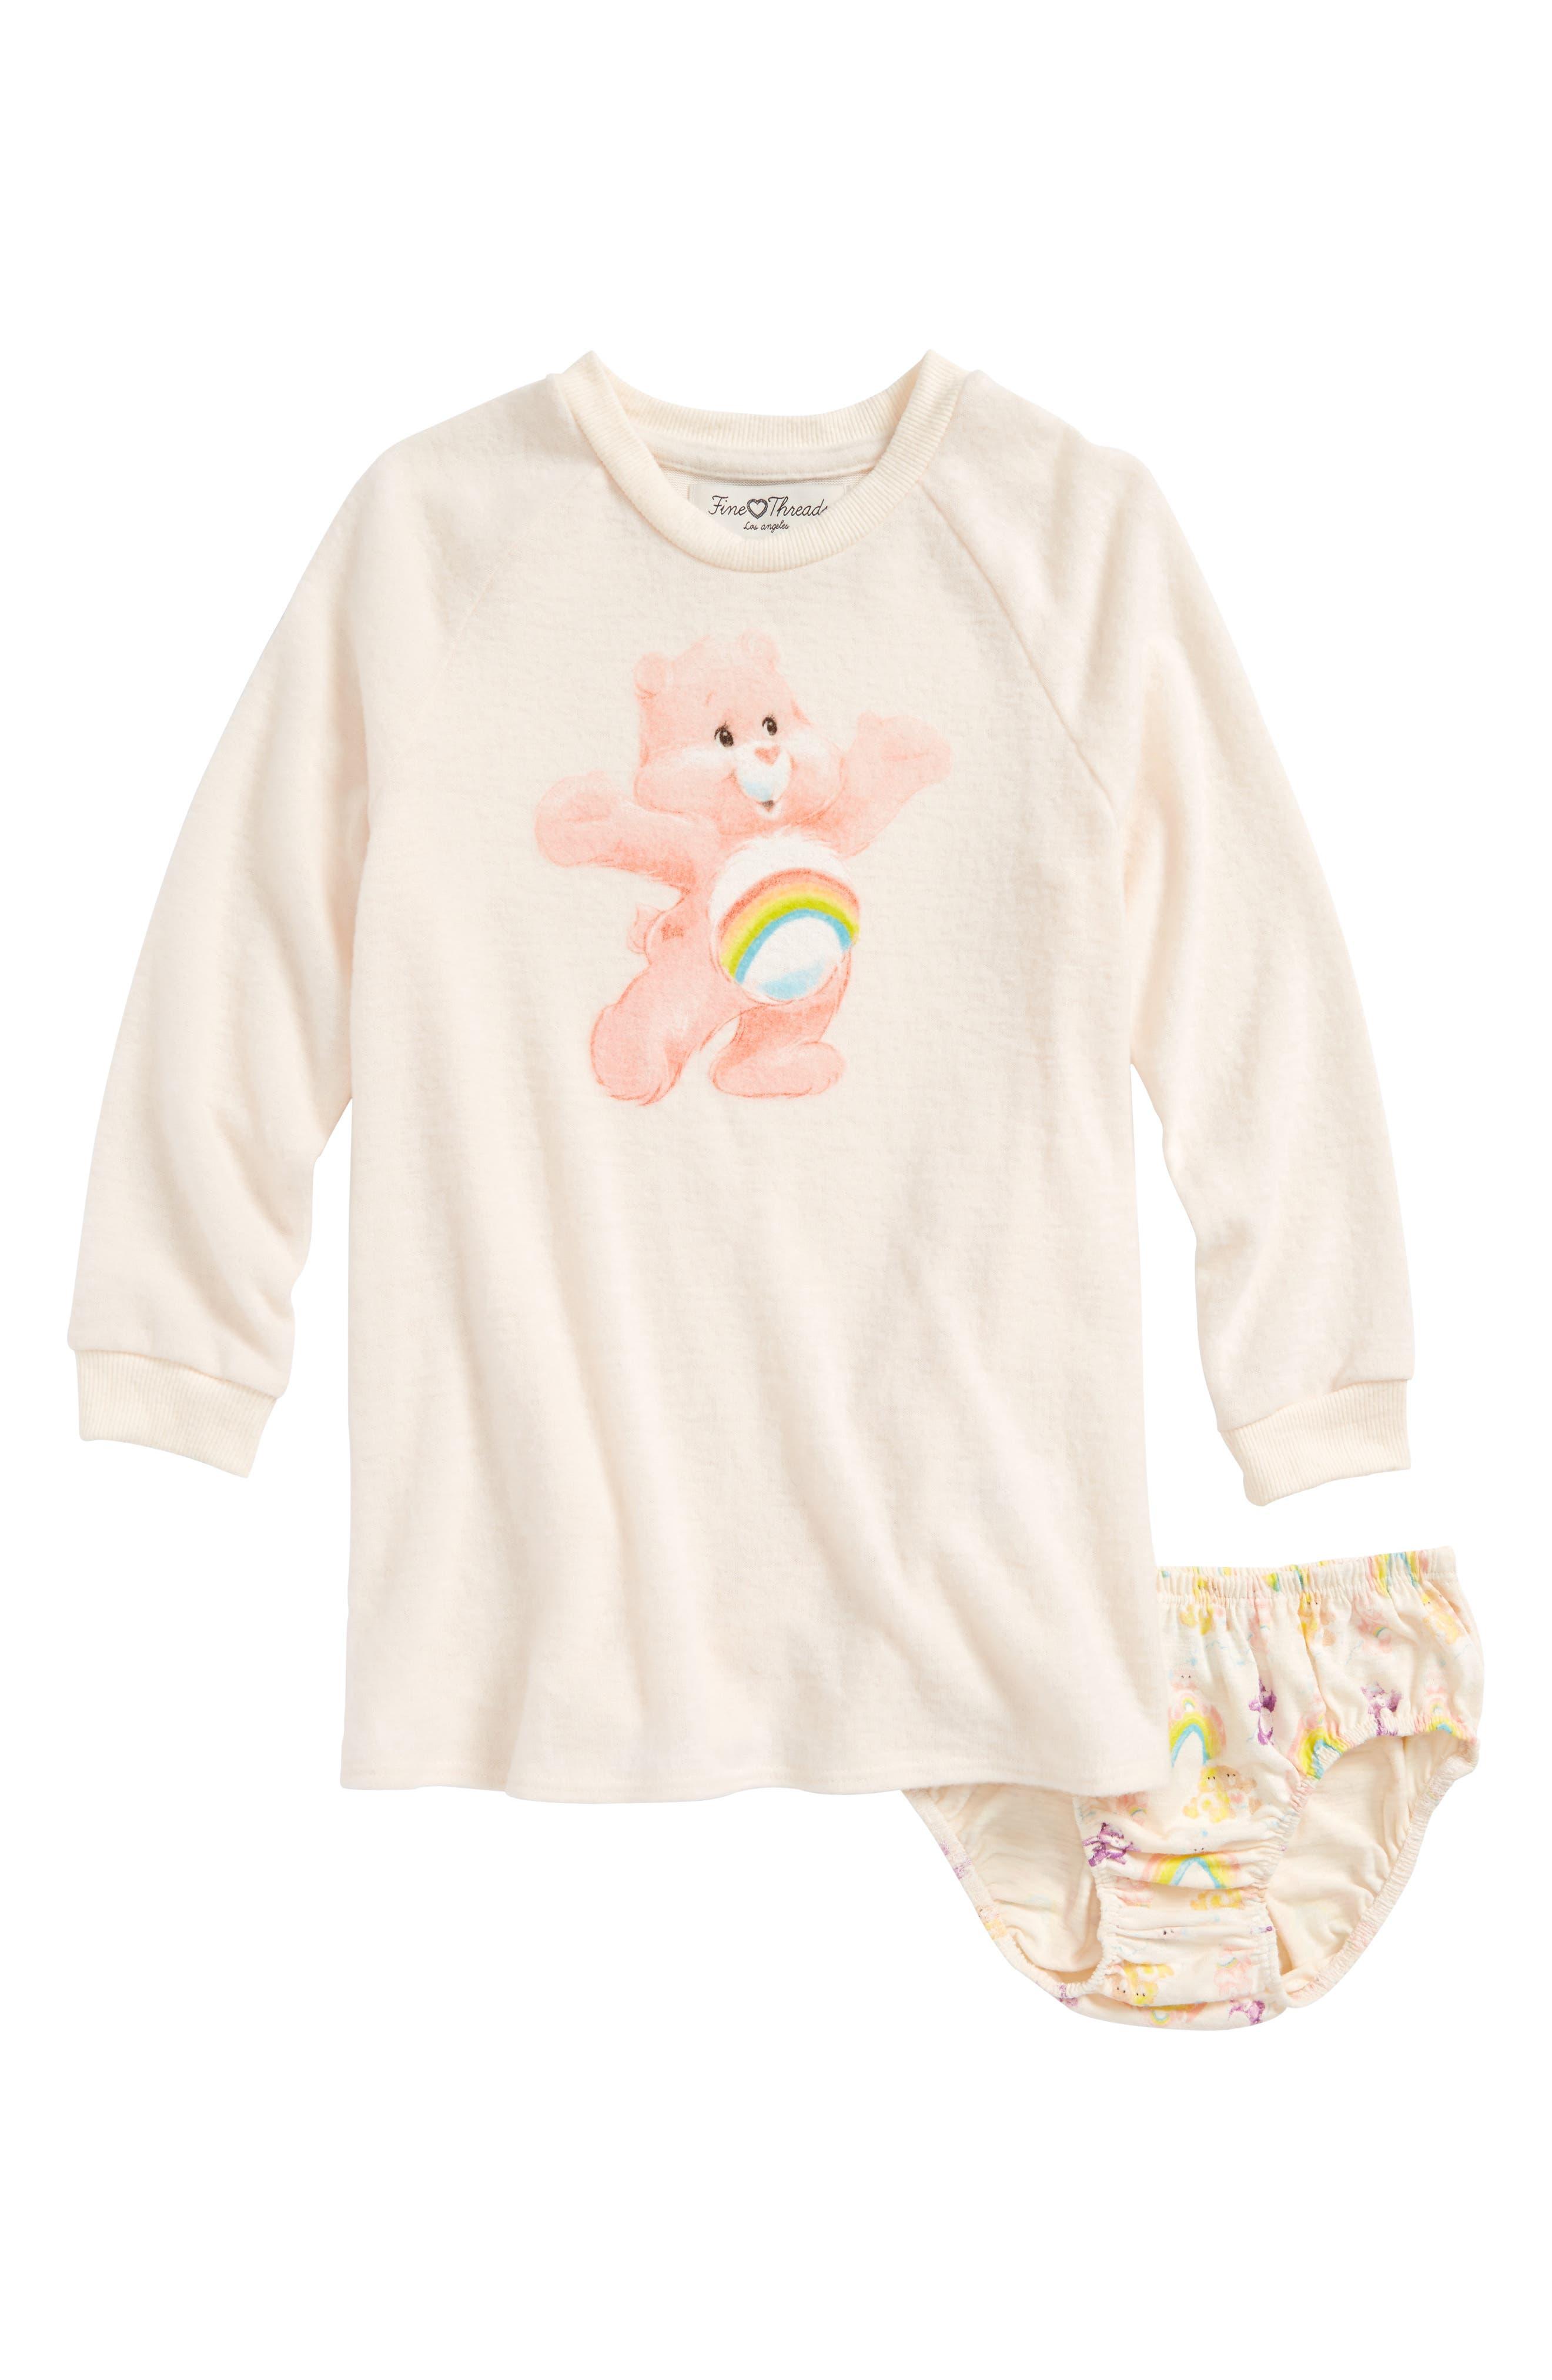 Care Bears™ by Fine Threads Cheer Bear Dress (Toddler Girls & Little Girls)